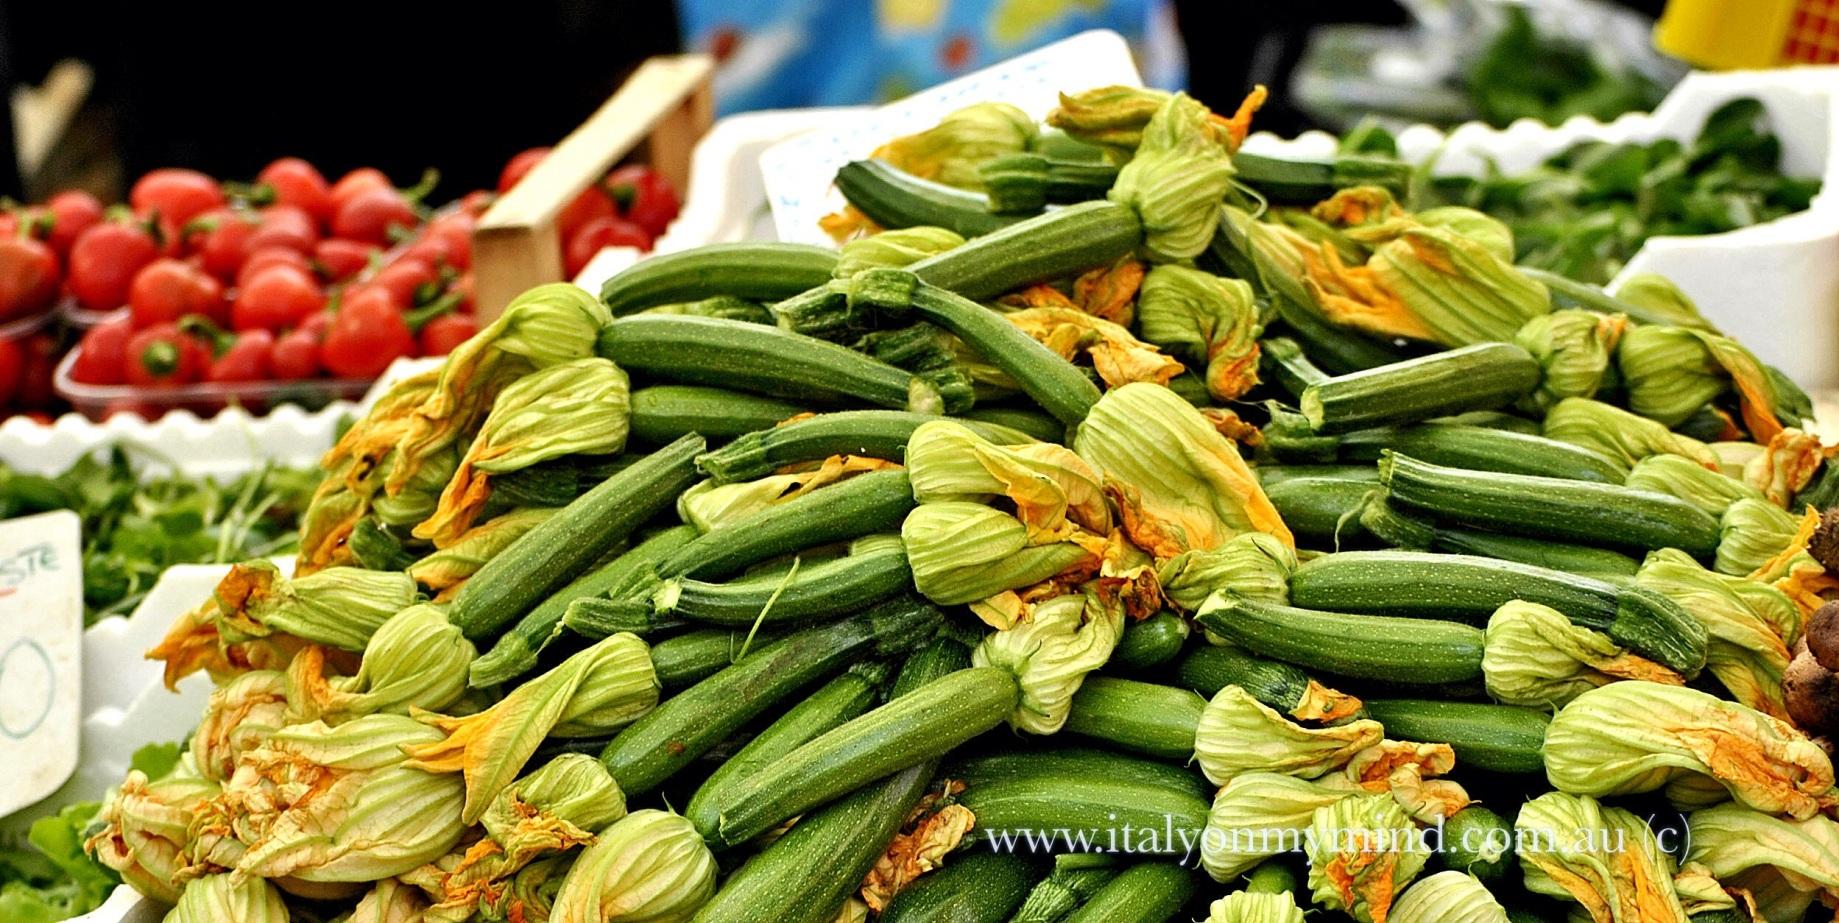 zucchini in venezia